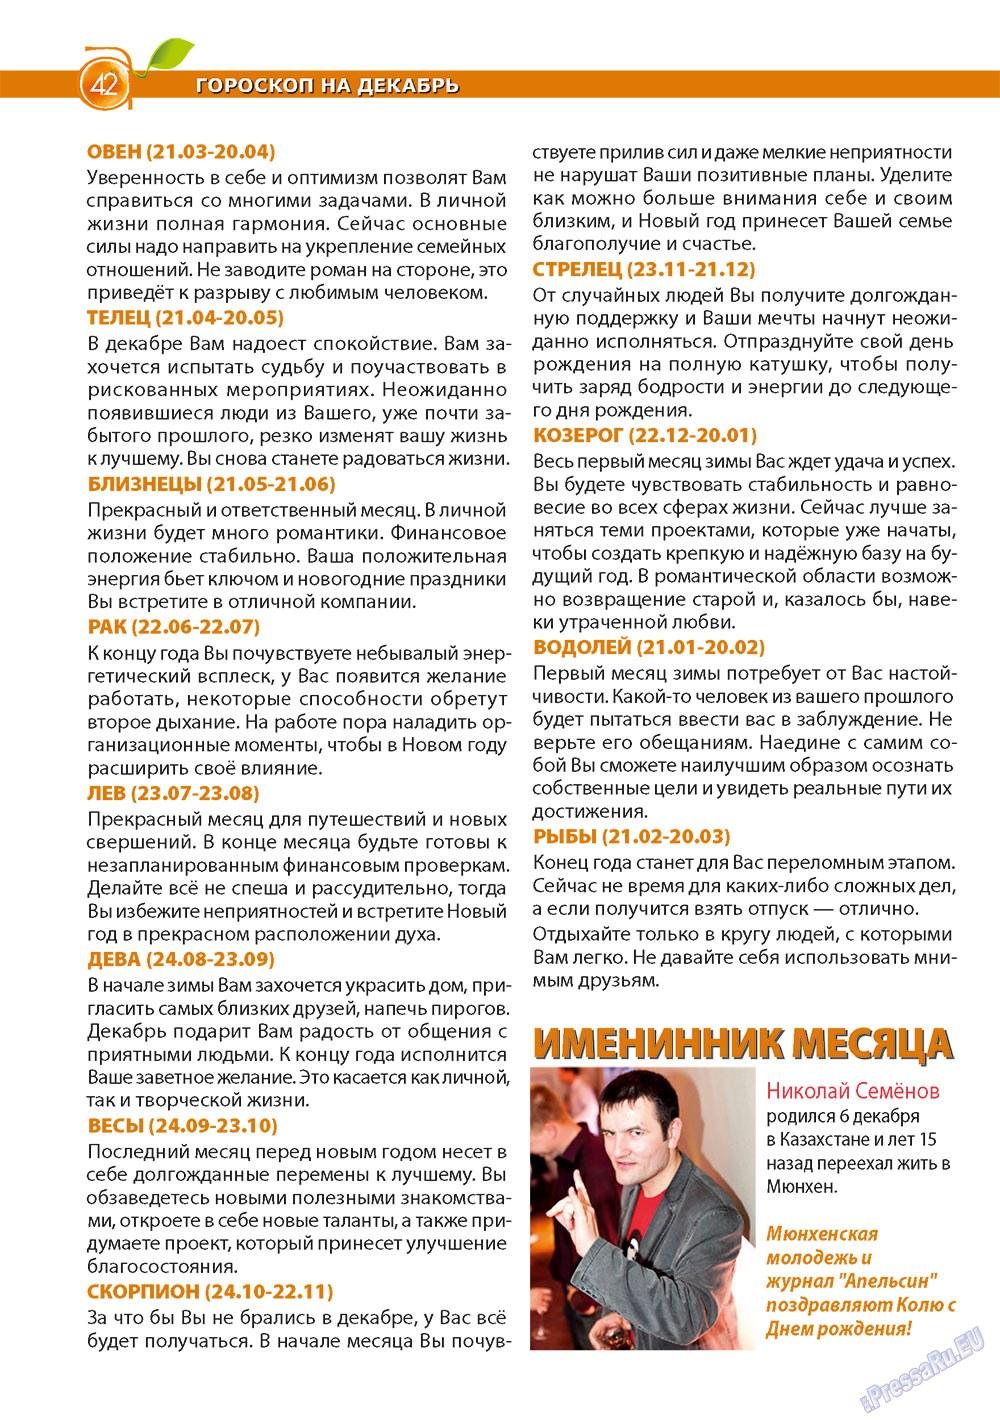 Апельсин (журнал). 2012 год, номер 41, стр. 42